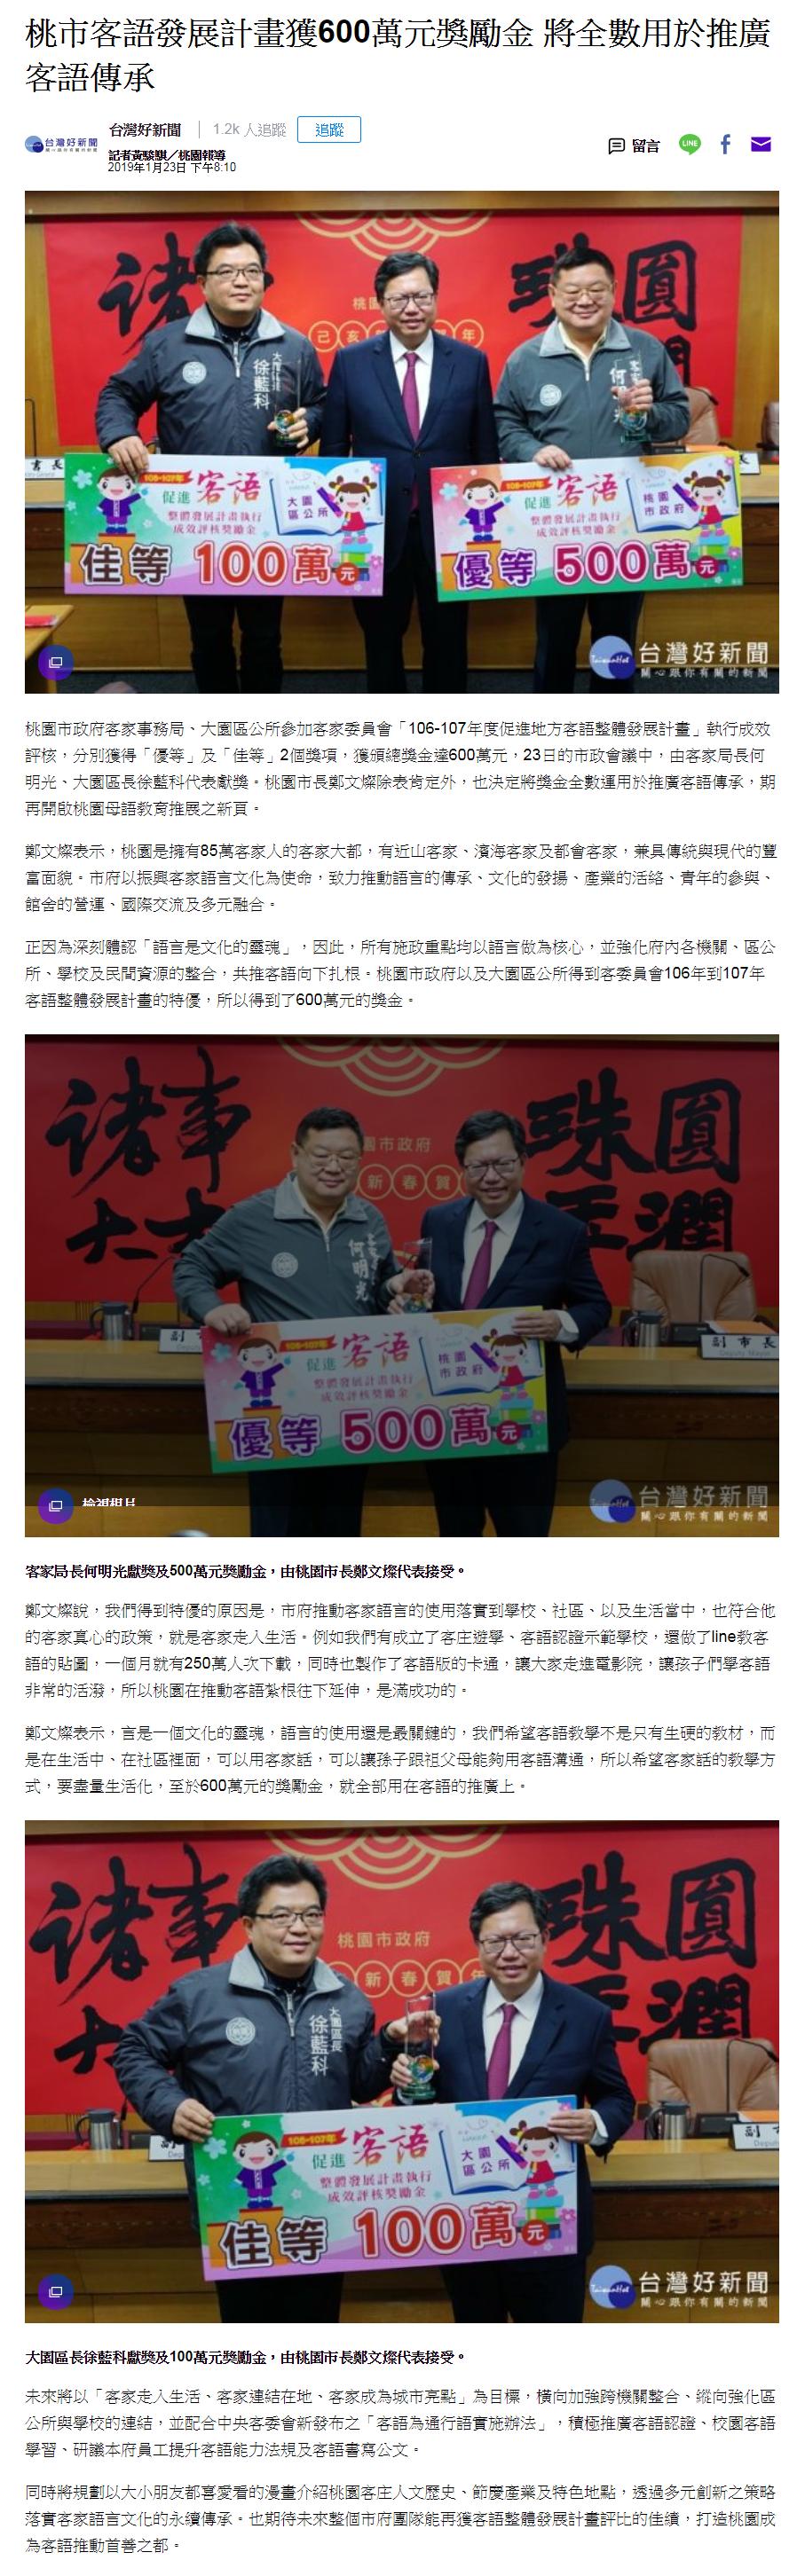 桃市客語發展計畫獲600萬元獎勵金 將全數用於推廣客語傳承